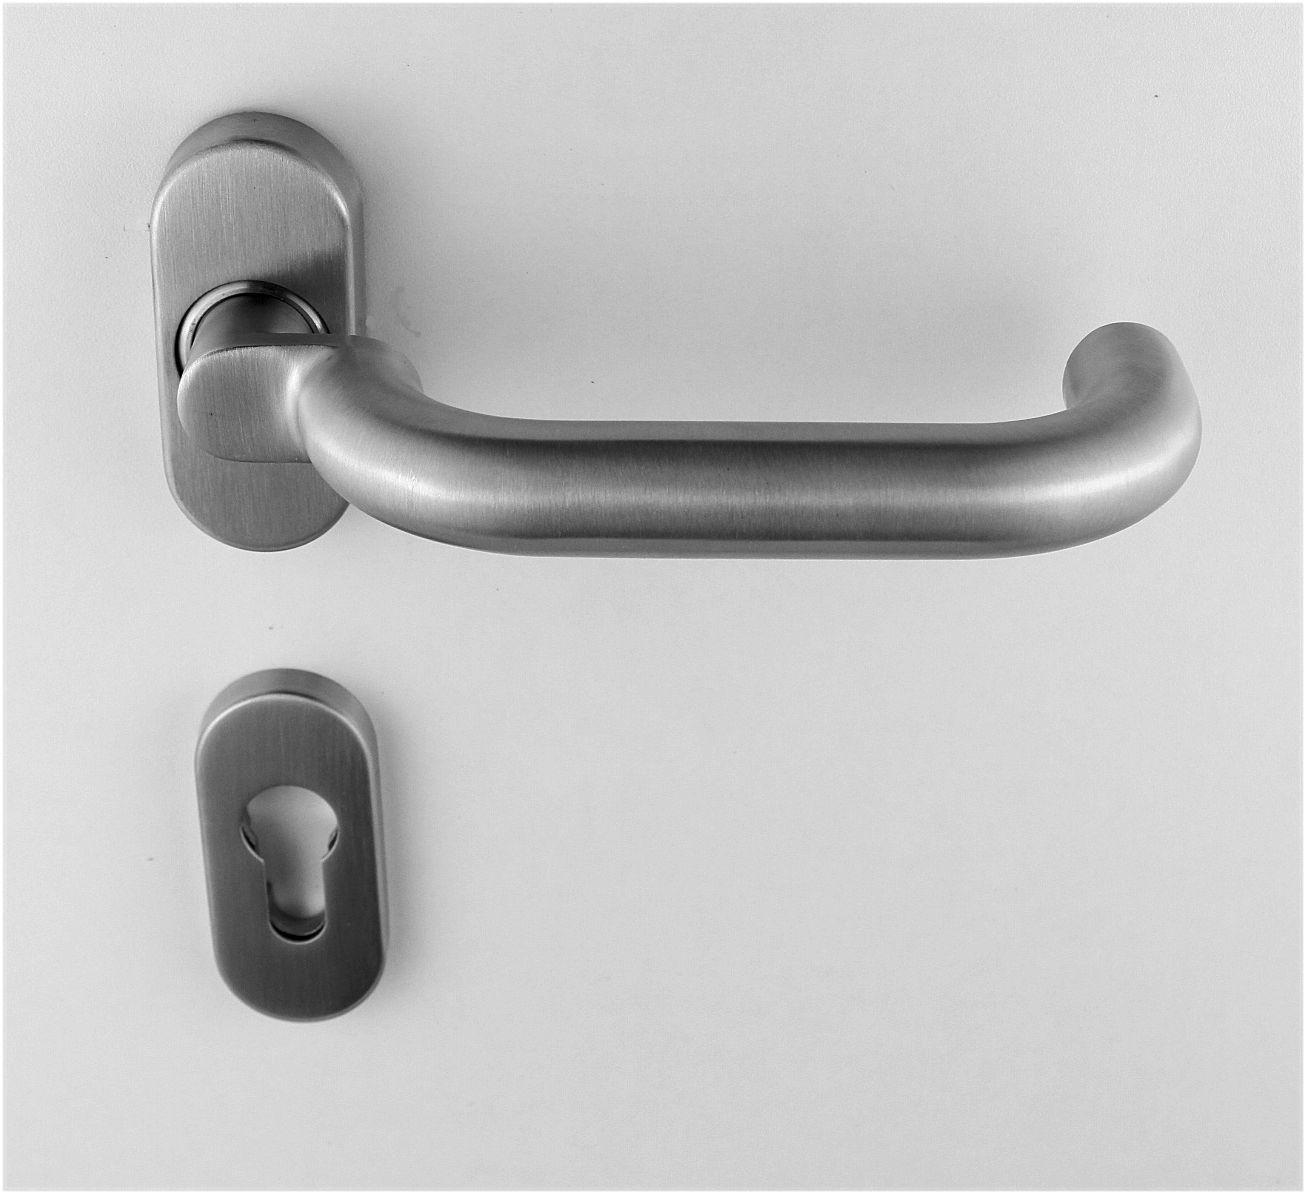 edelstahl haust r griff halbgarnitur auf ovalrosette u form gekr pft ebay. Black Bedroom Furniture Sets. Home Design Ideas